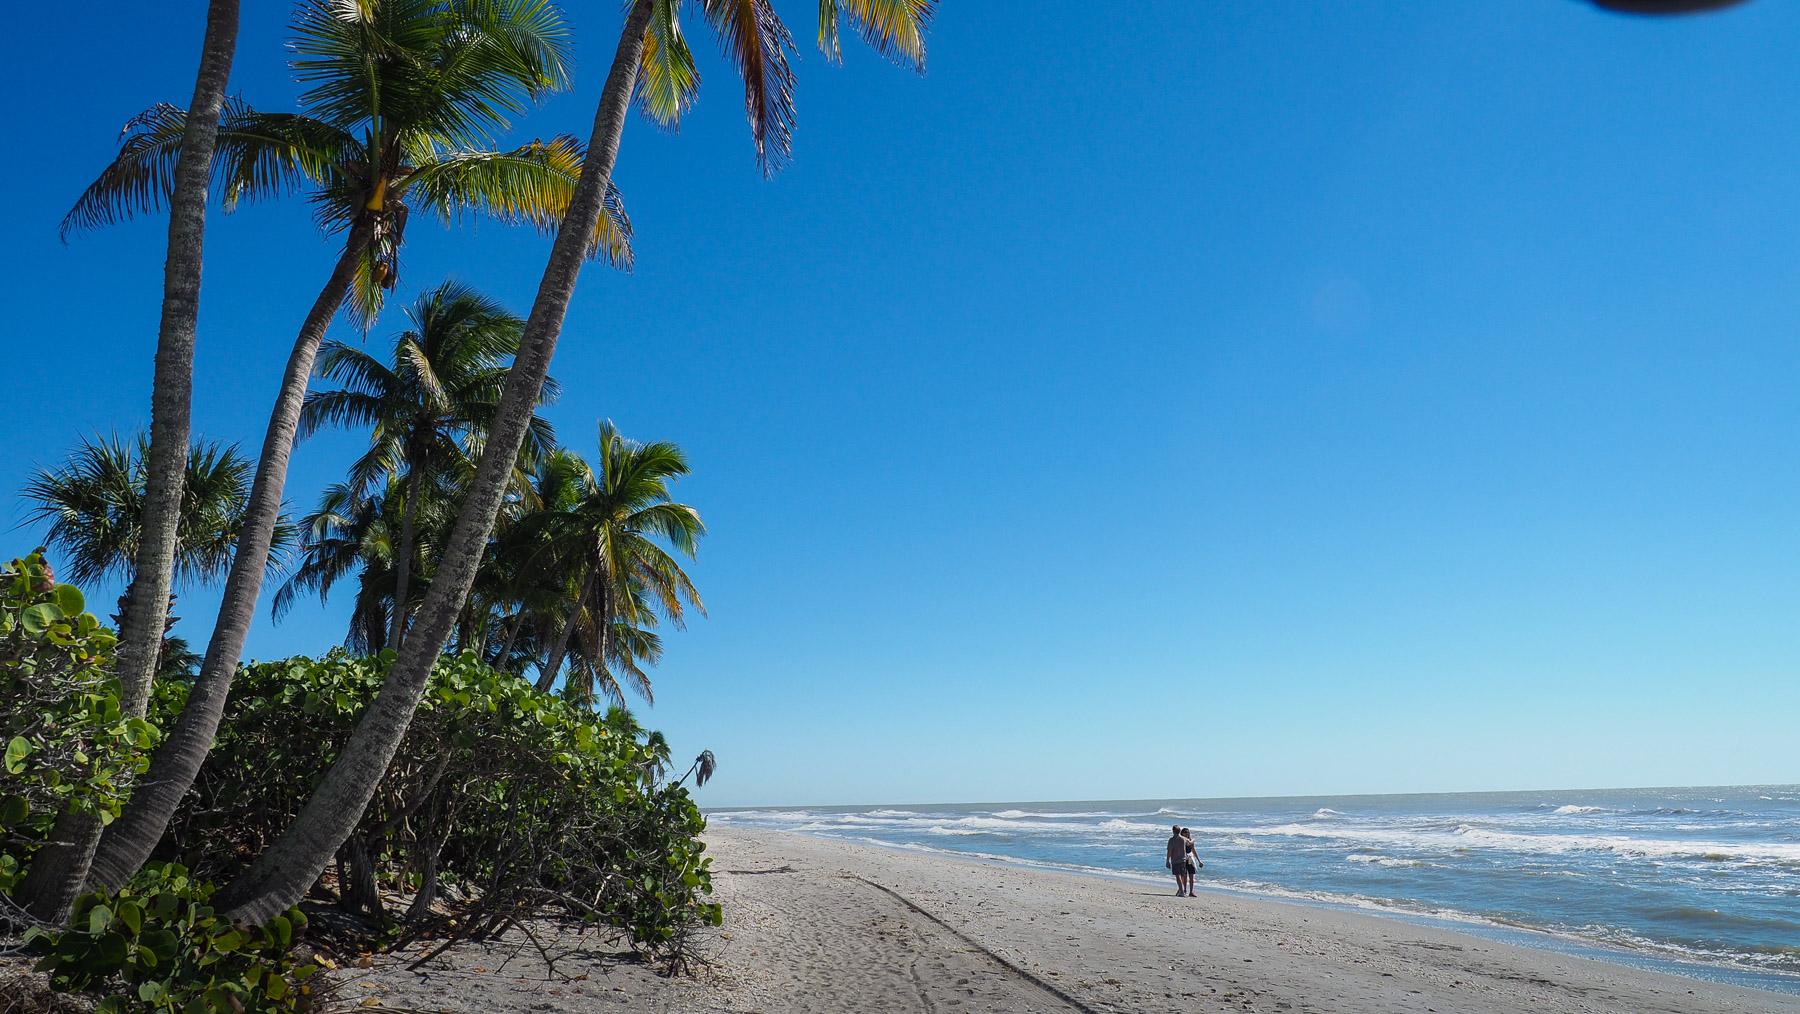 Traumstrand am Golf von Mexiko